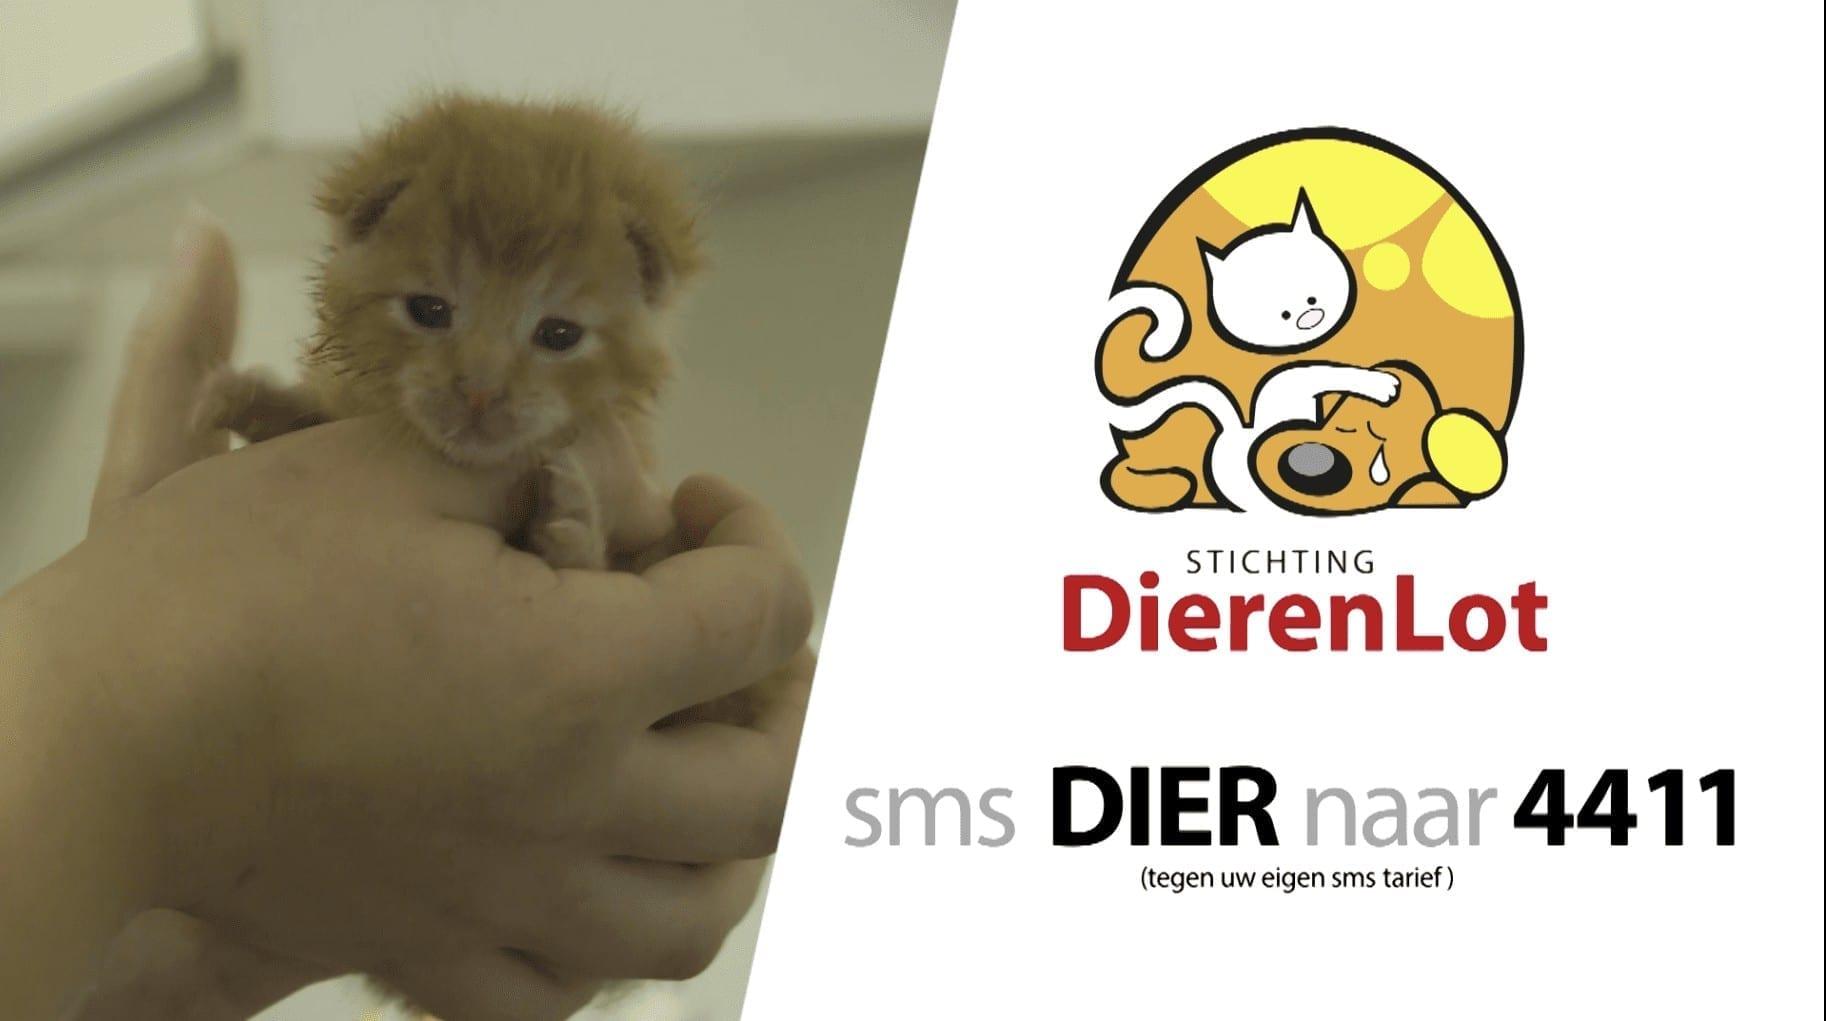 Campagne Samen Voor Dieren Stichting DierenLot